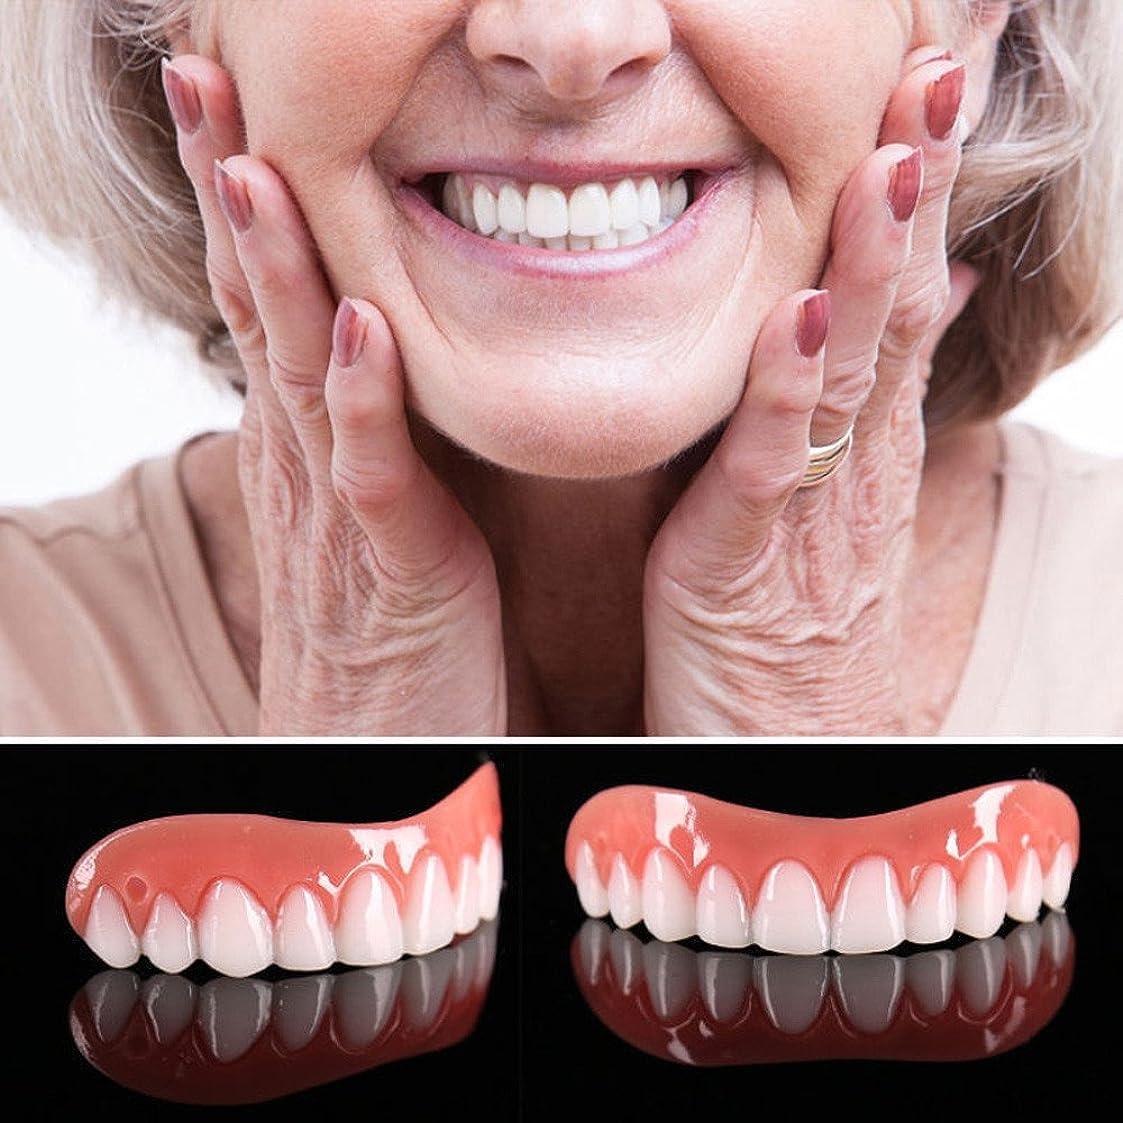 レーニン主義嘆願バトル5ピースアッパーフェイク歯科用ベニアコンフォートフィット歯トップ化粧品ベニアワンサイズフィットすべての義歯接着剤歯偽義歯歯笑顔